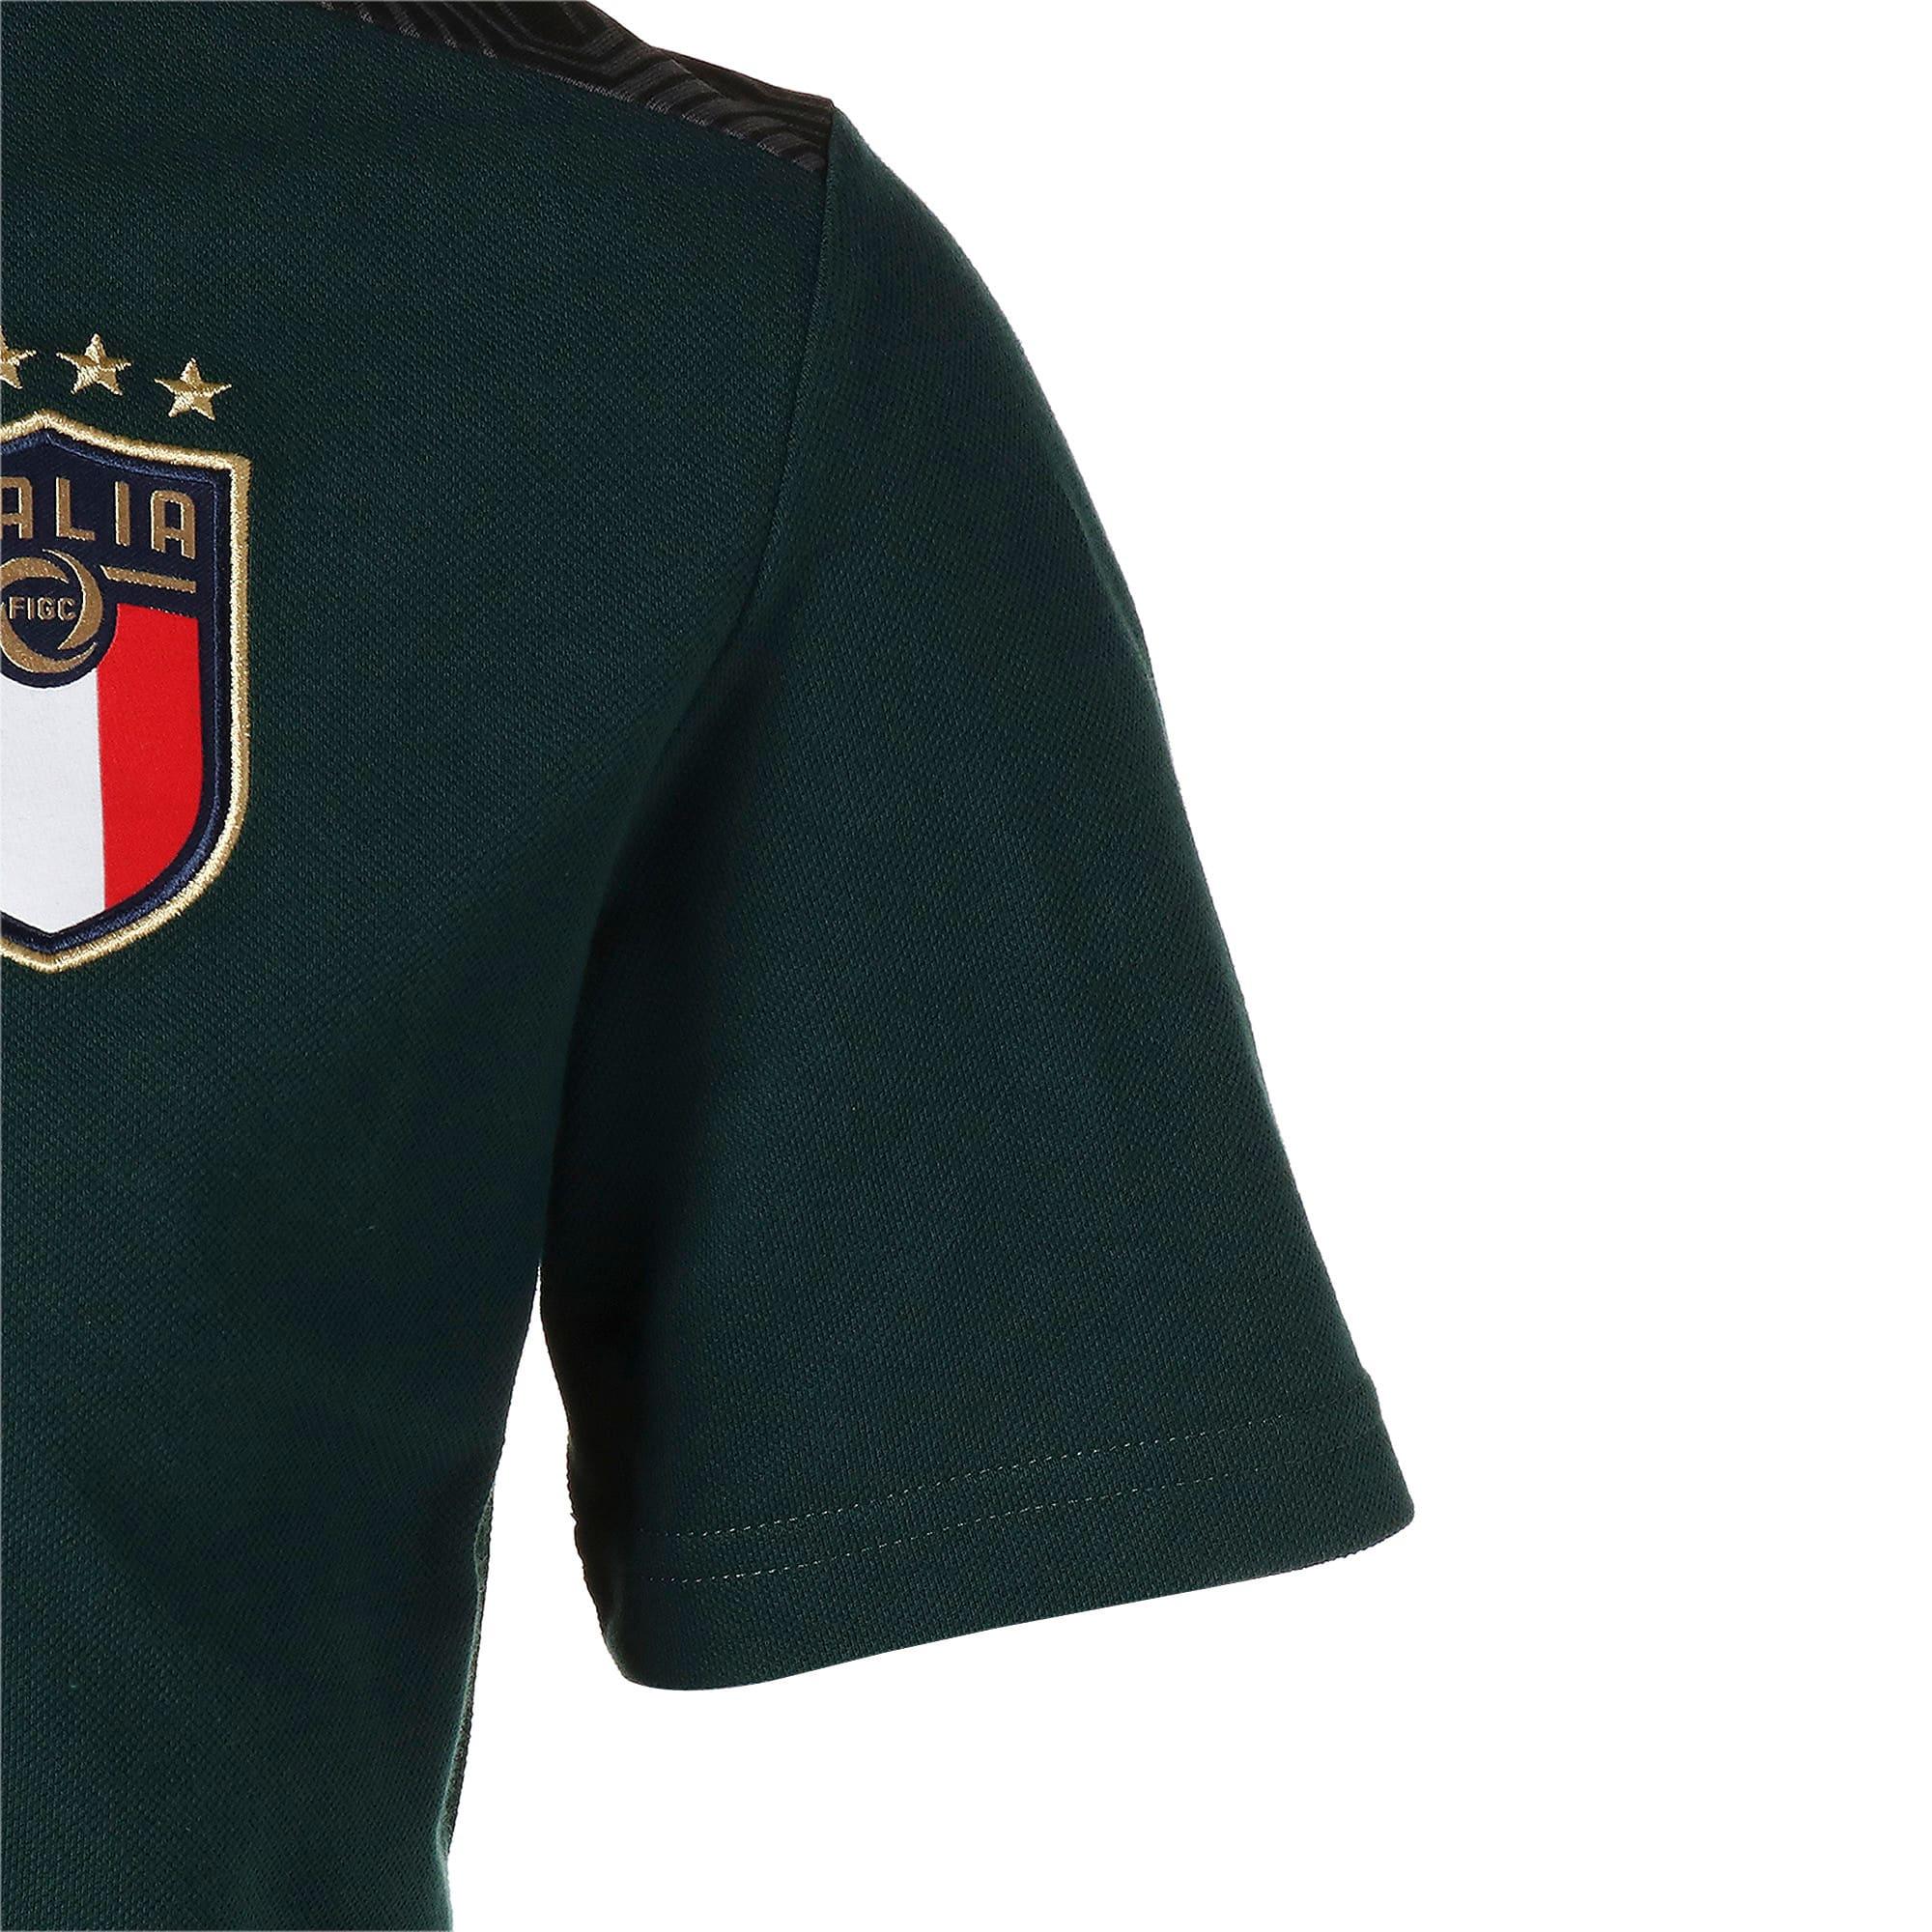 Thumbnail 5 of FIGC イタリア カジュアル ポロシャツ 半袖, Ponderosa Pine-Peacoat, medium-JPN